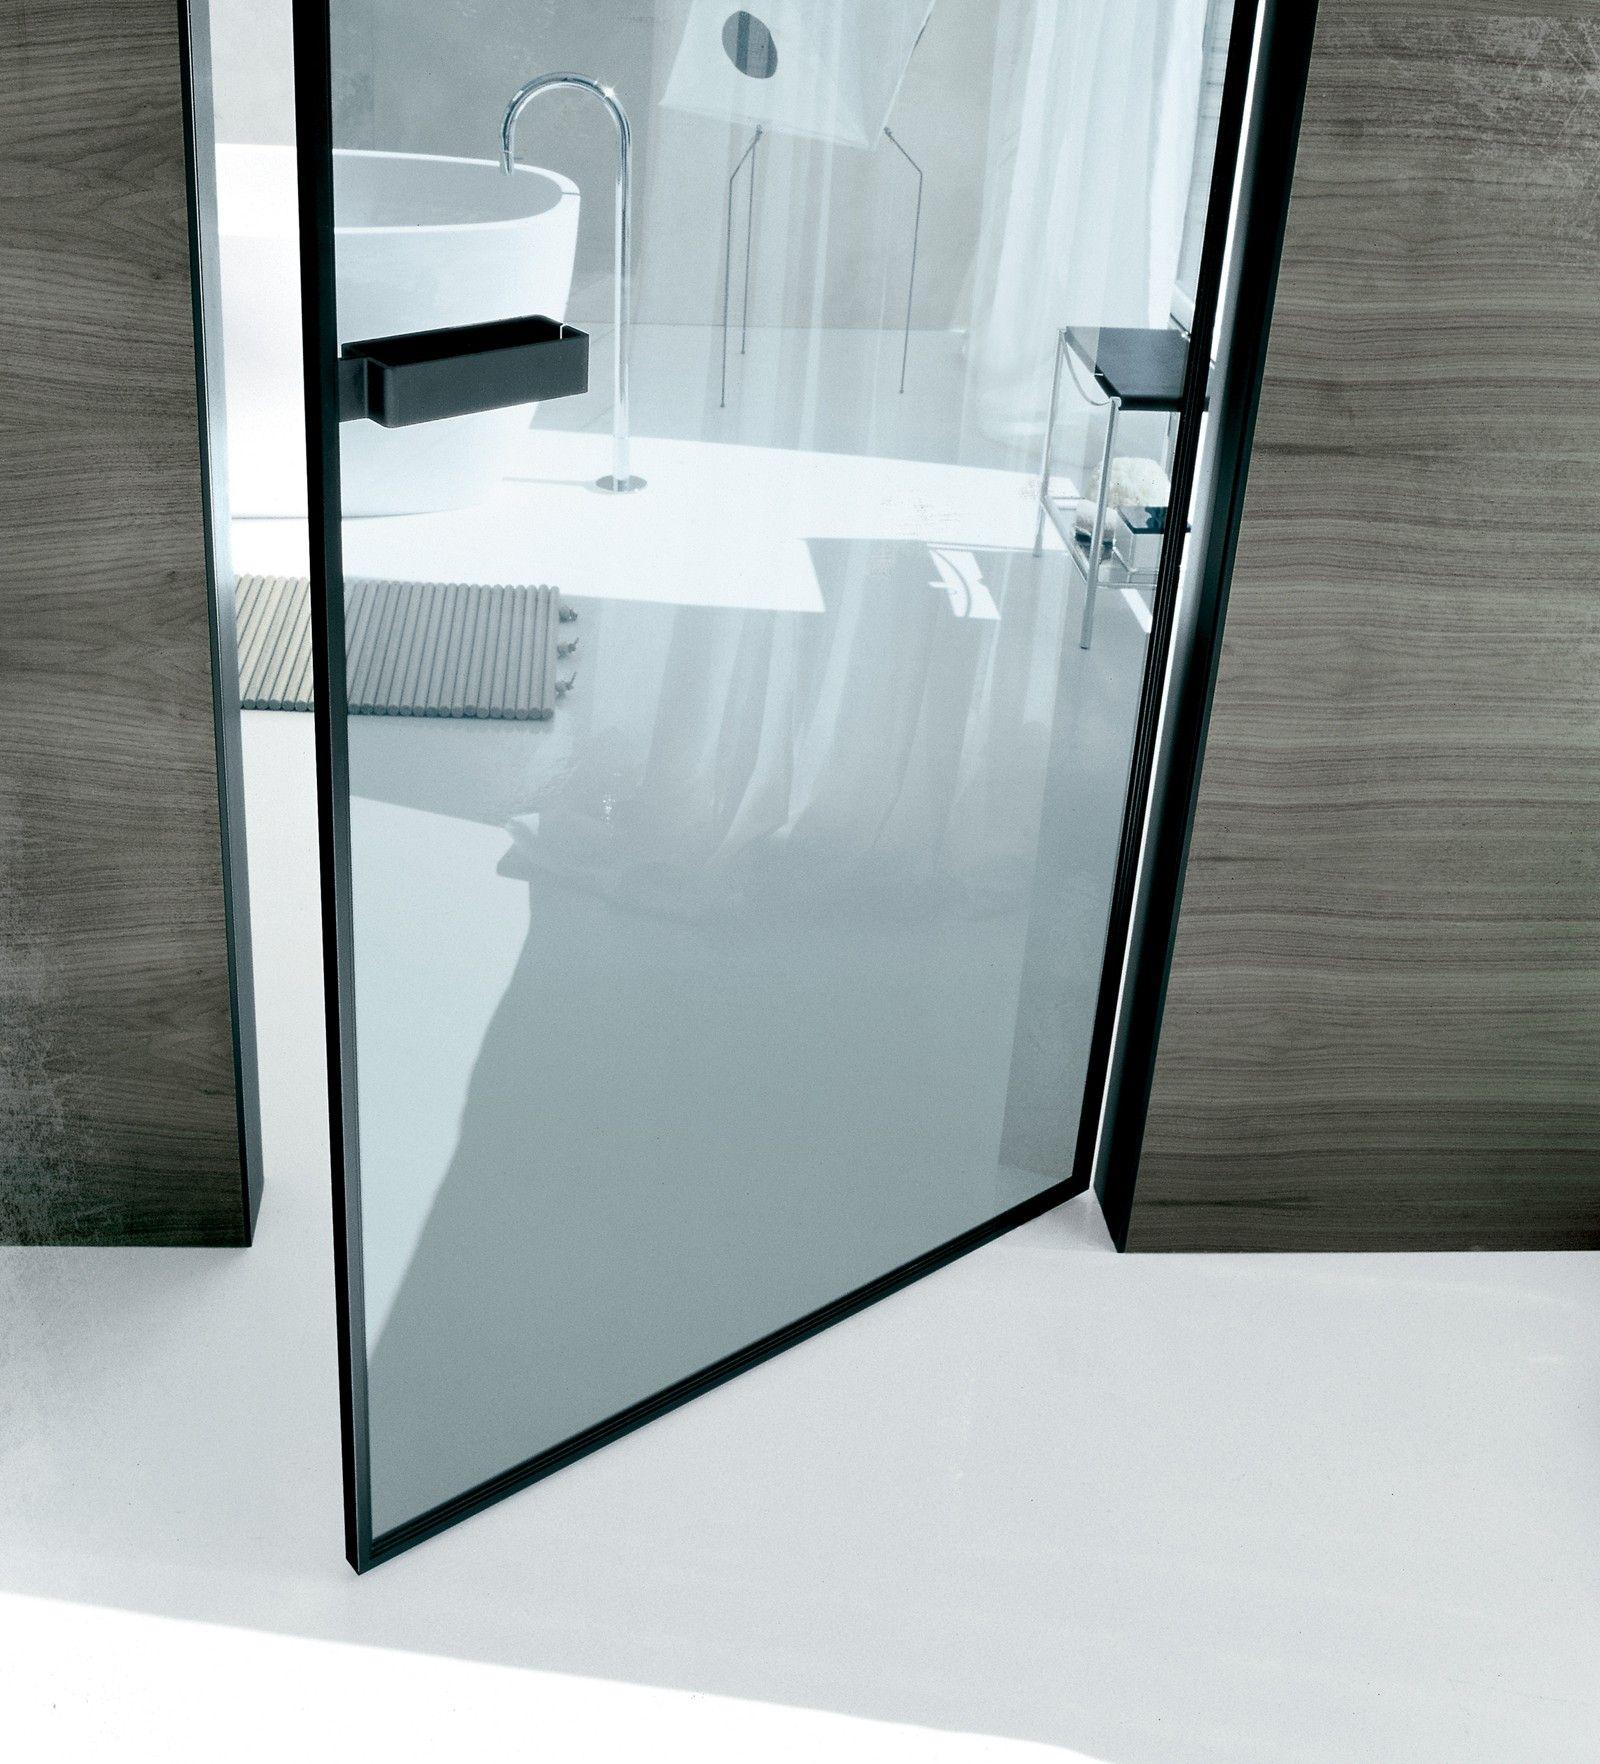 c7d0a82c004 Eksklusiv forhandler af elegante glasdøre til indbygning - BJARNHOFF A/S